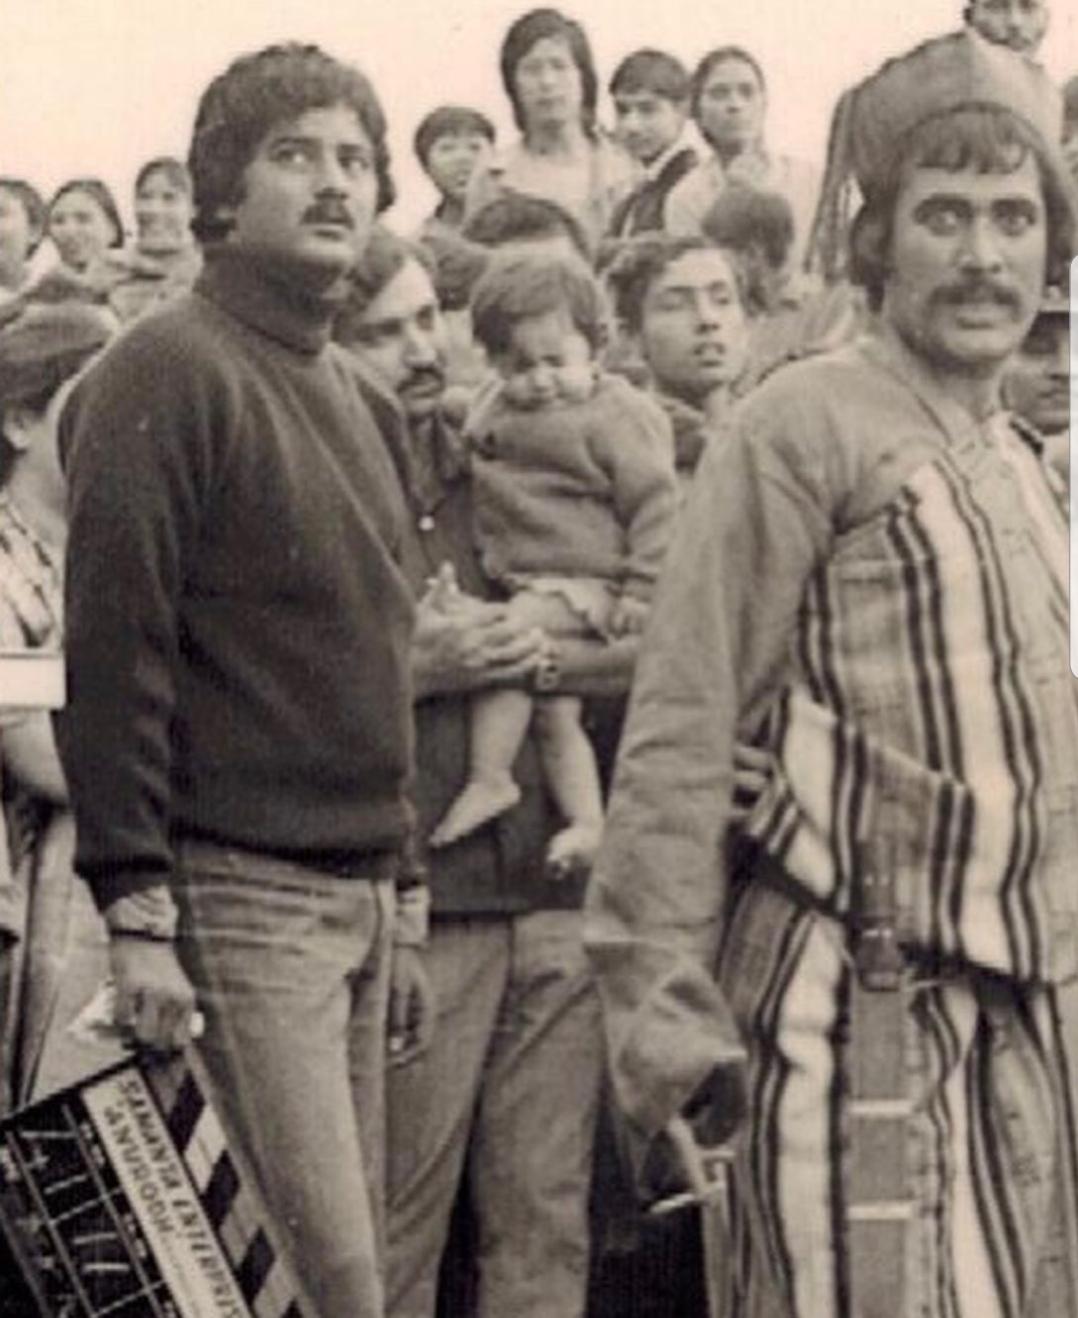 Boney Kapoor's Birthday: How He Spent His 66th Birthday